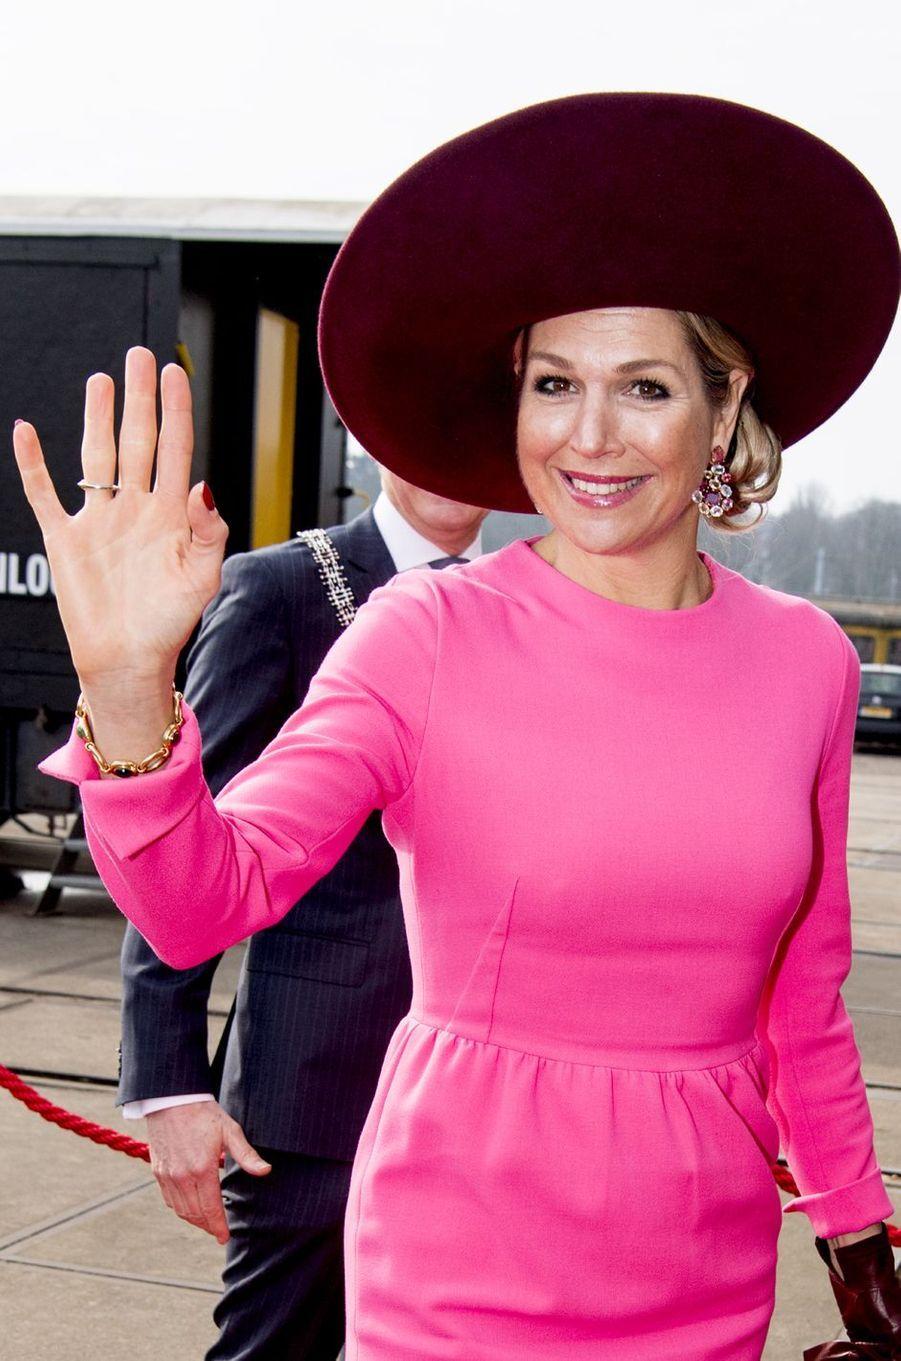 Détail de la capeline et des boucles d'oreille de la reine Maxima des Pays-Bas à Amersfoort, le 27 mars 2018